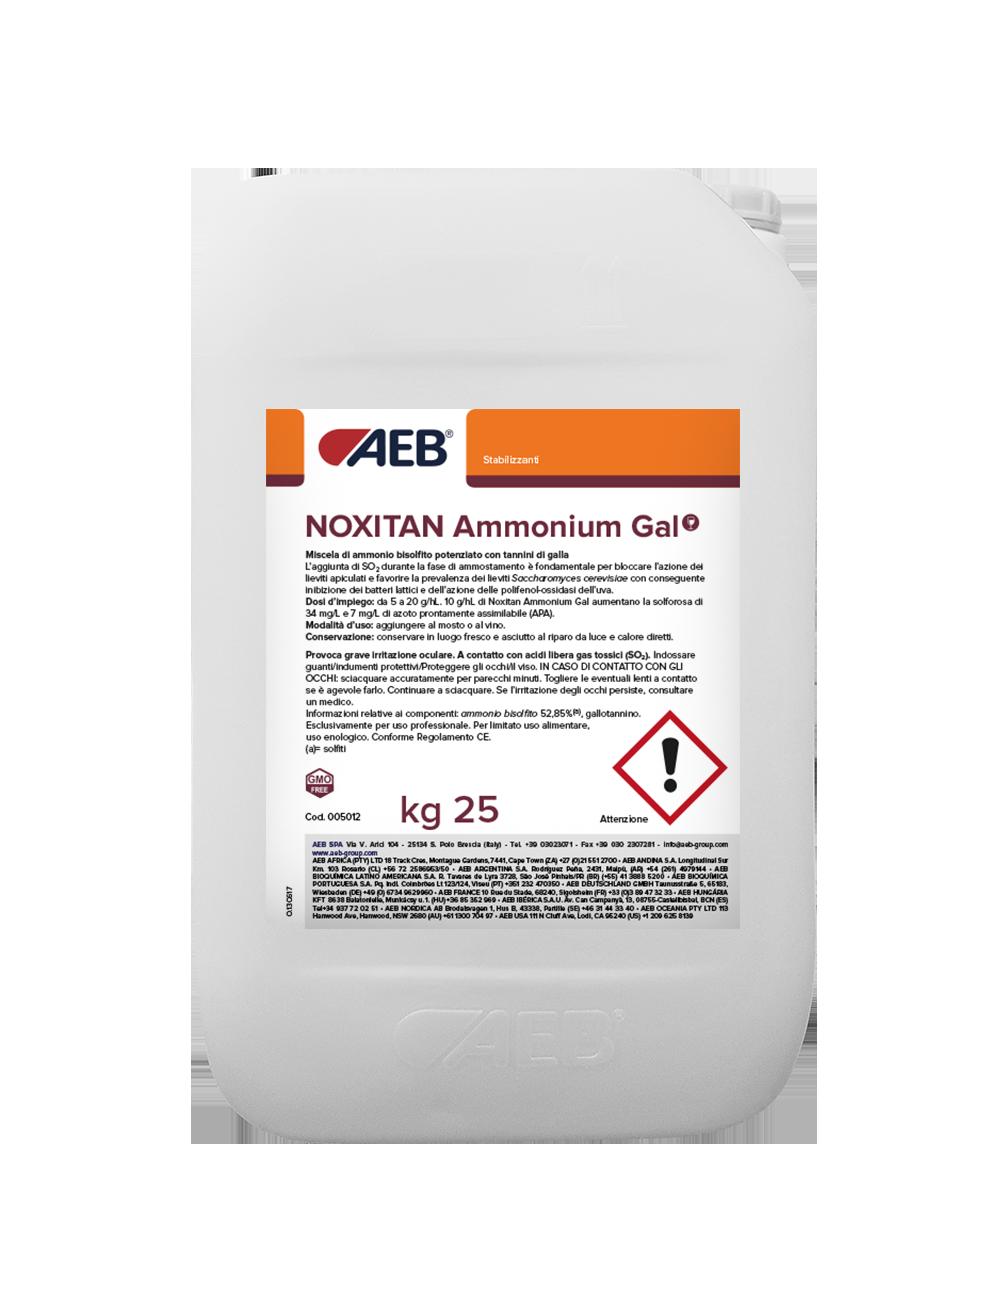 NOXITAN Ammonium Gal